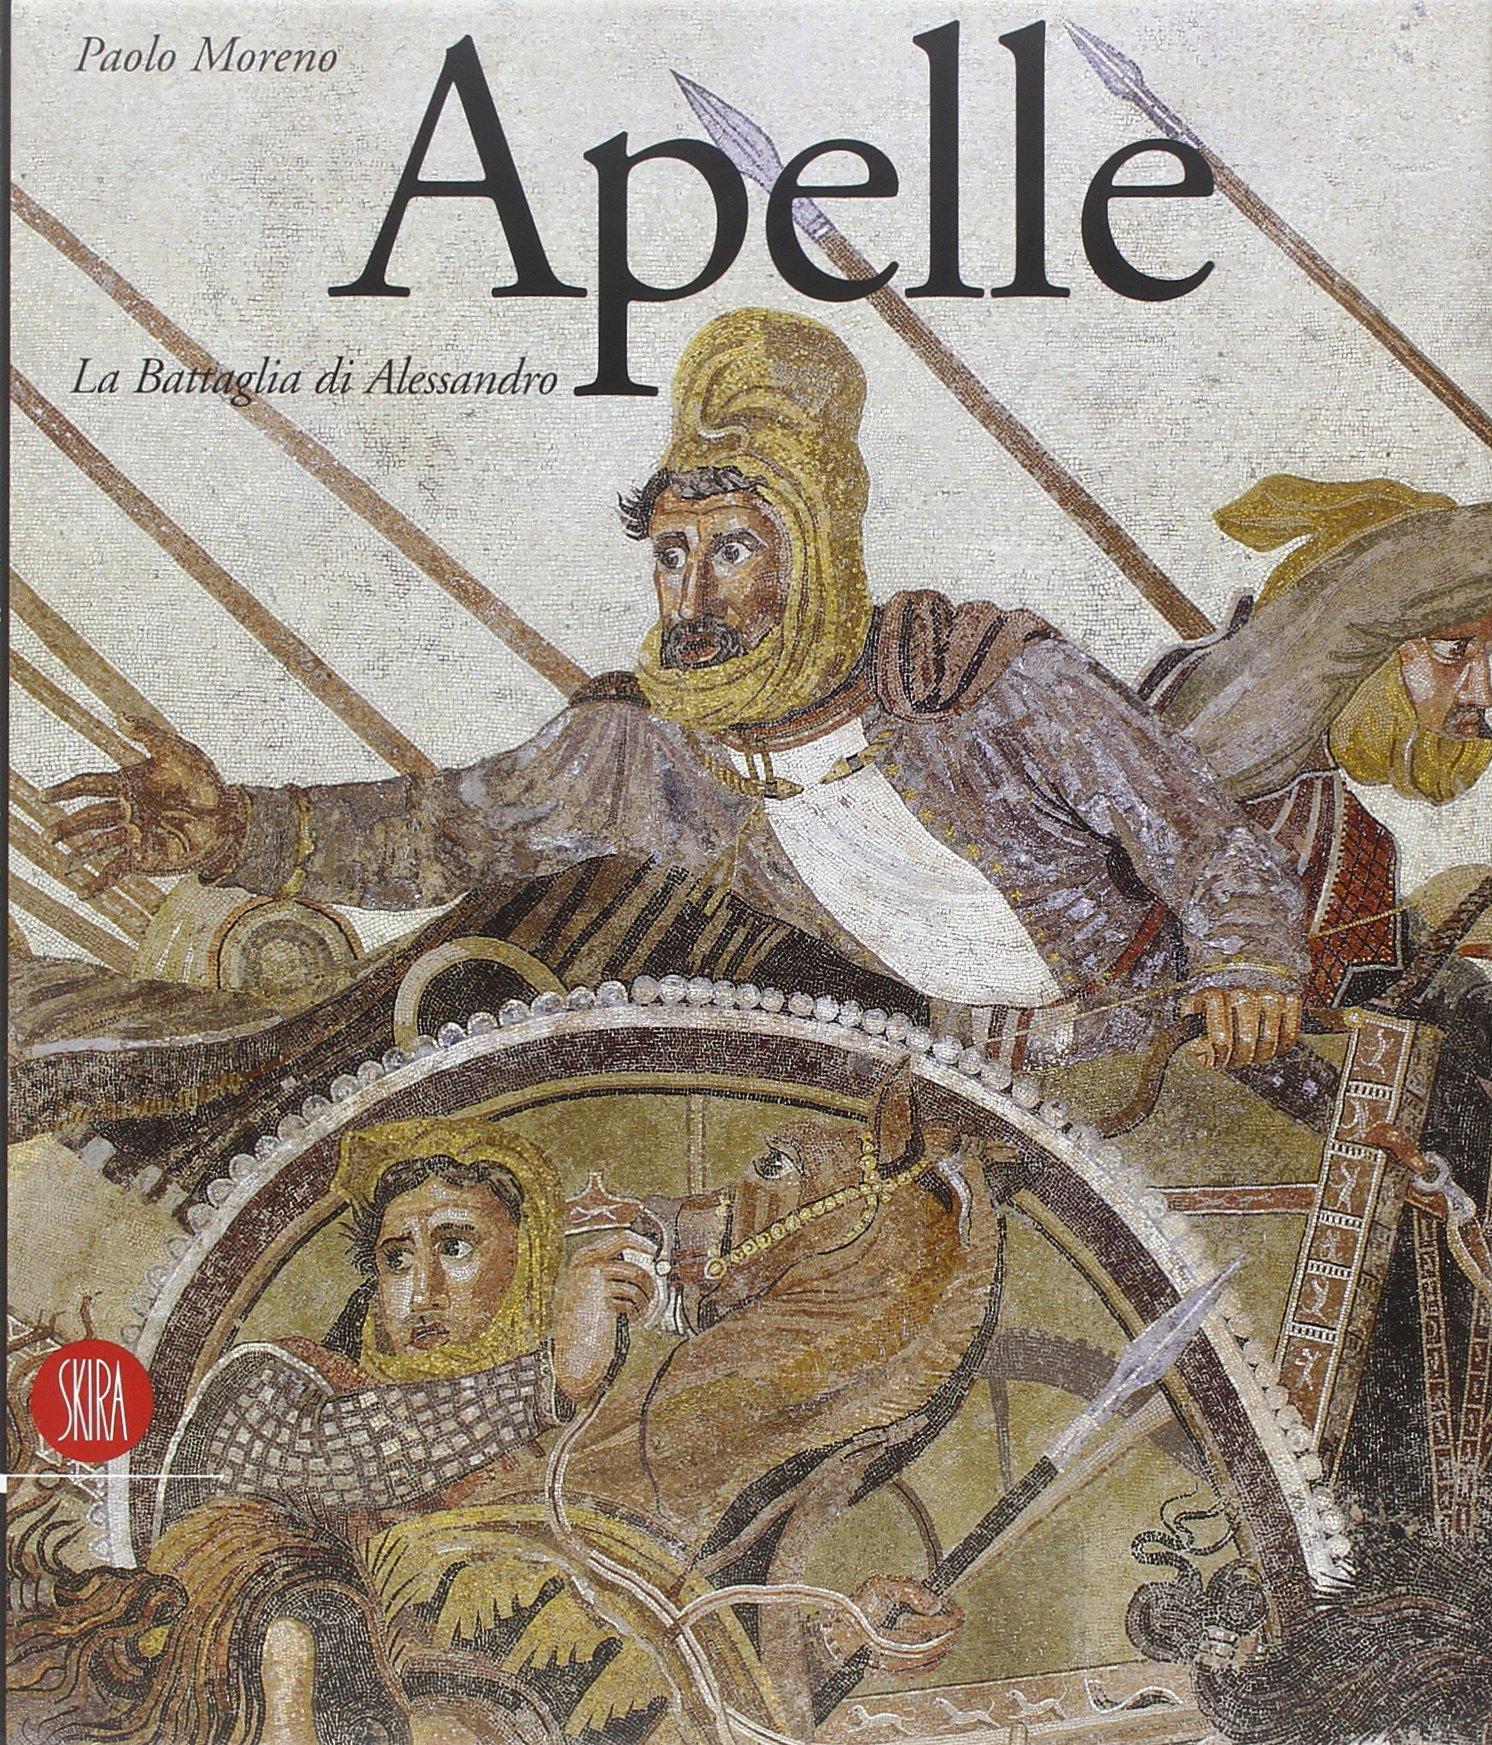 Apelle. La battaglia di Alessandro. Ediz. illustrata Copertina rigida – 1 mag 2002 Paolo Moreno Skira 8881188112 ARTI